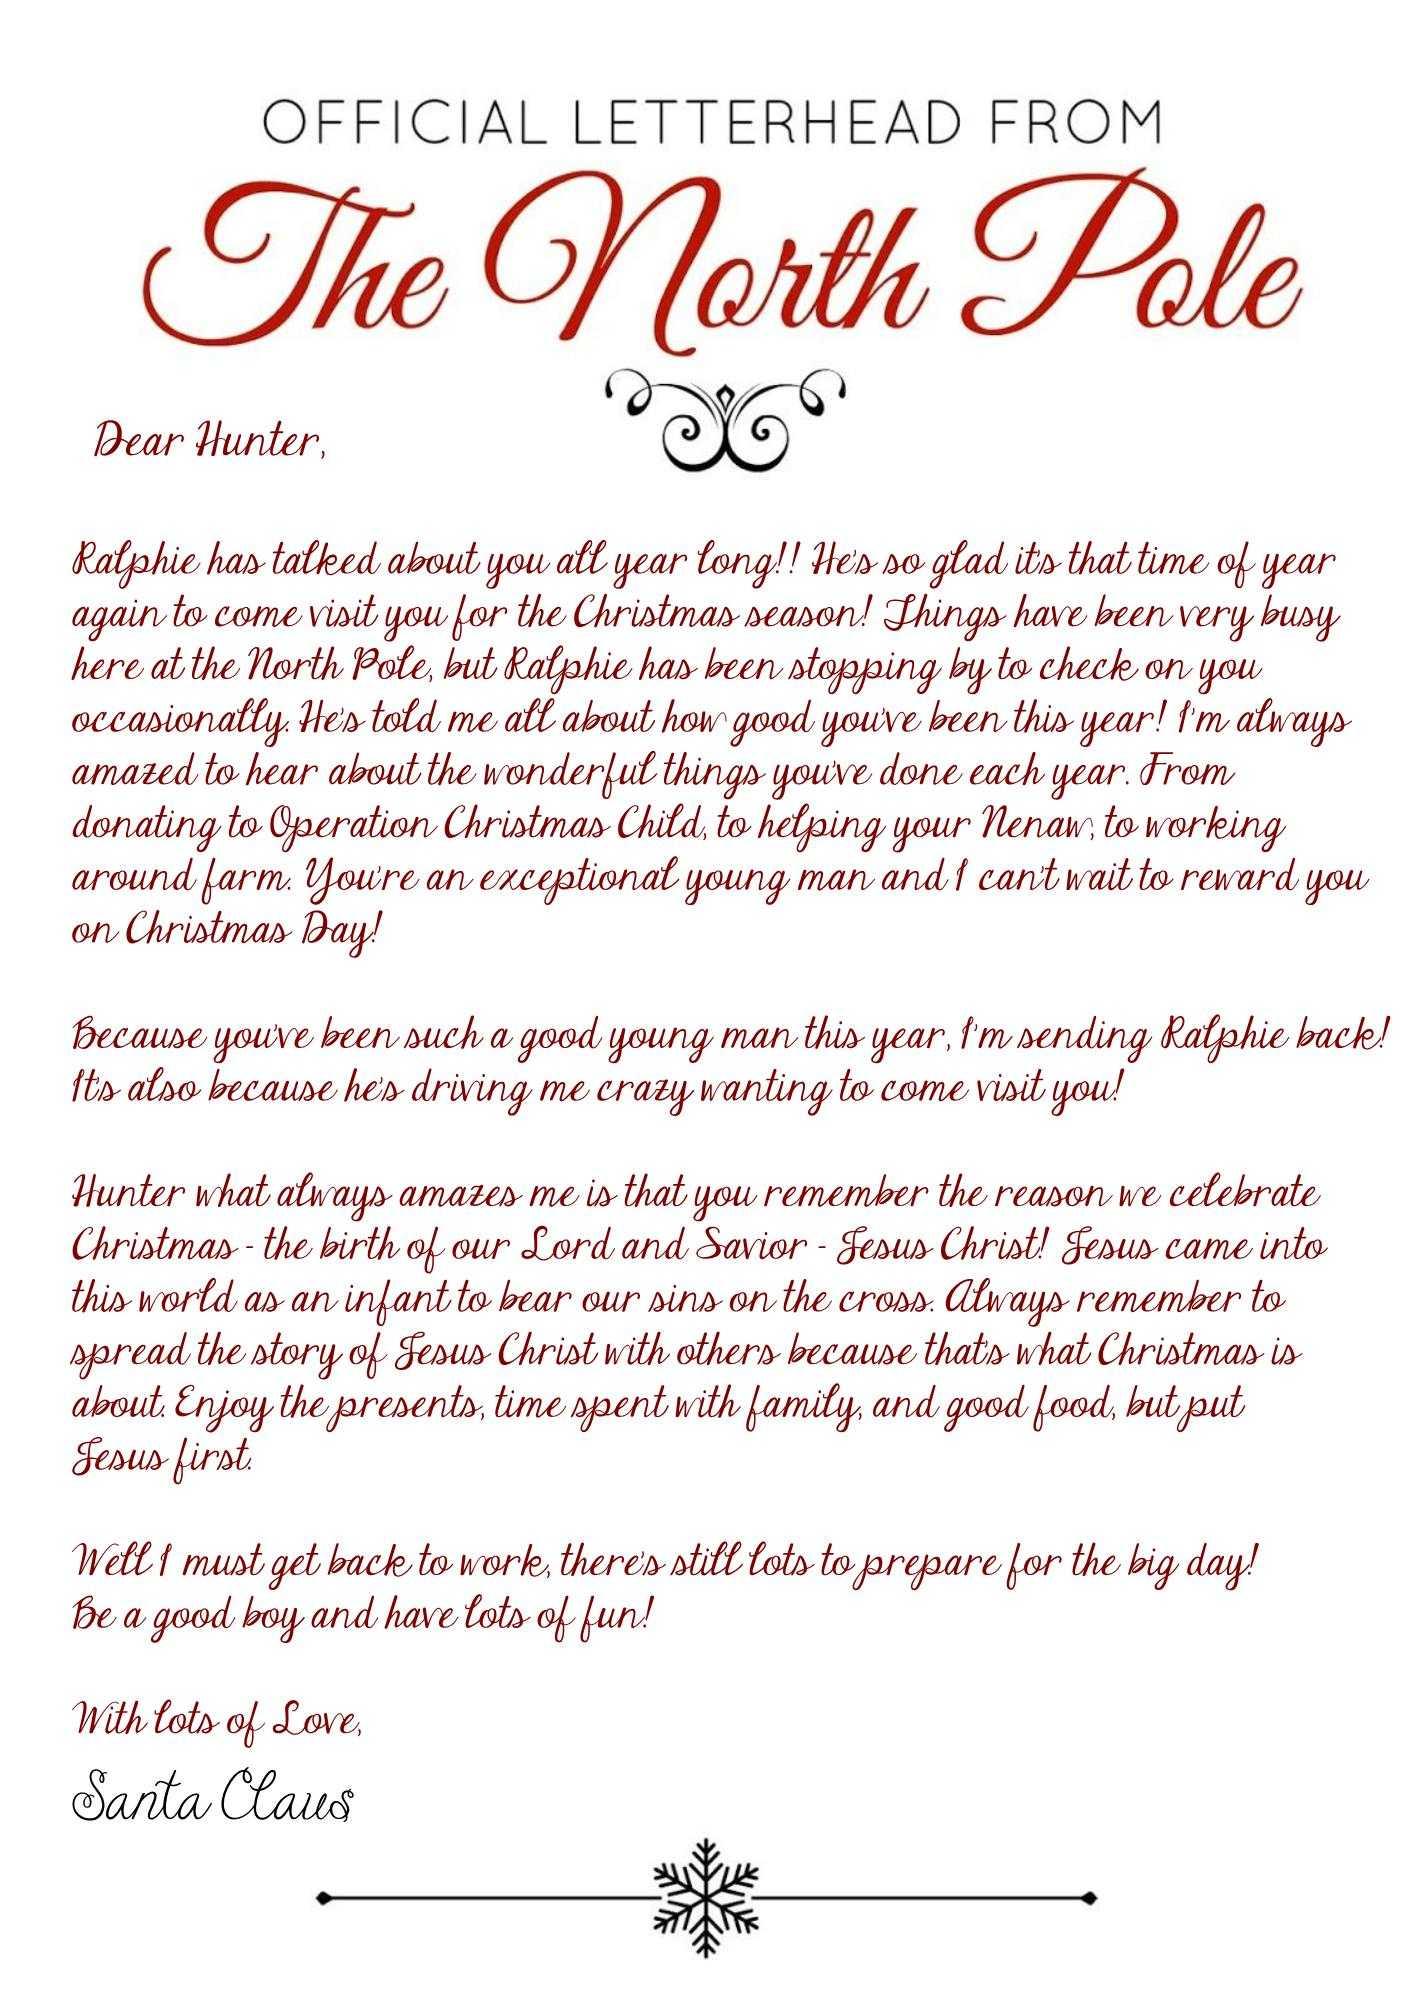 Elf On The Shelf Arrival Letter - Jesus Version - 2017 Throughout Elf On The Shelf Arrival Letter Template